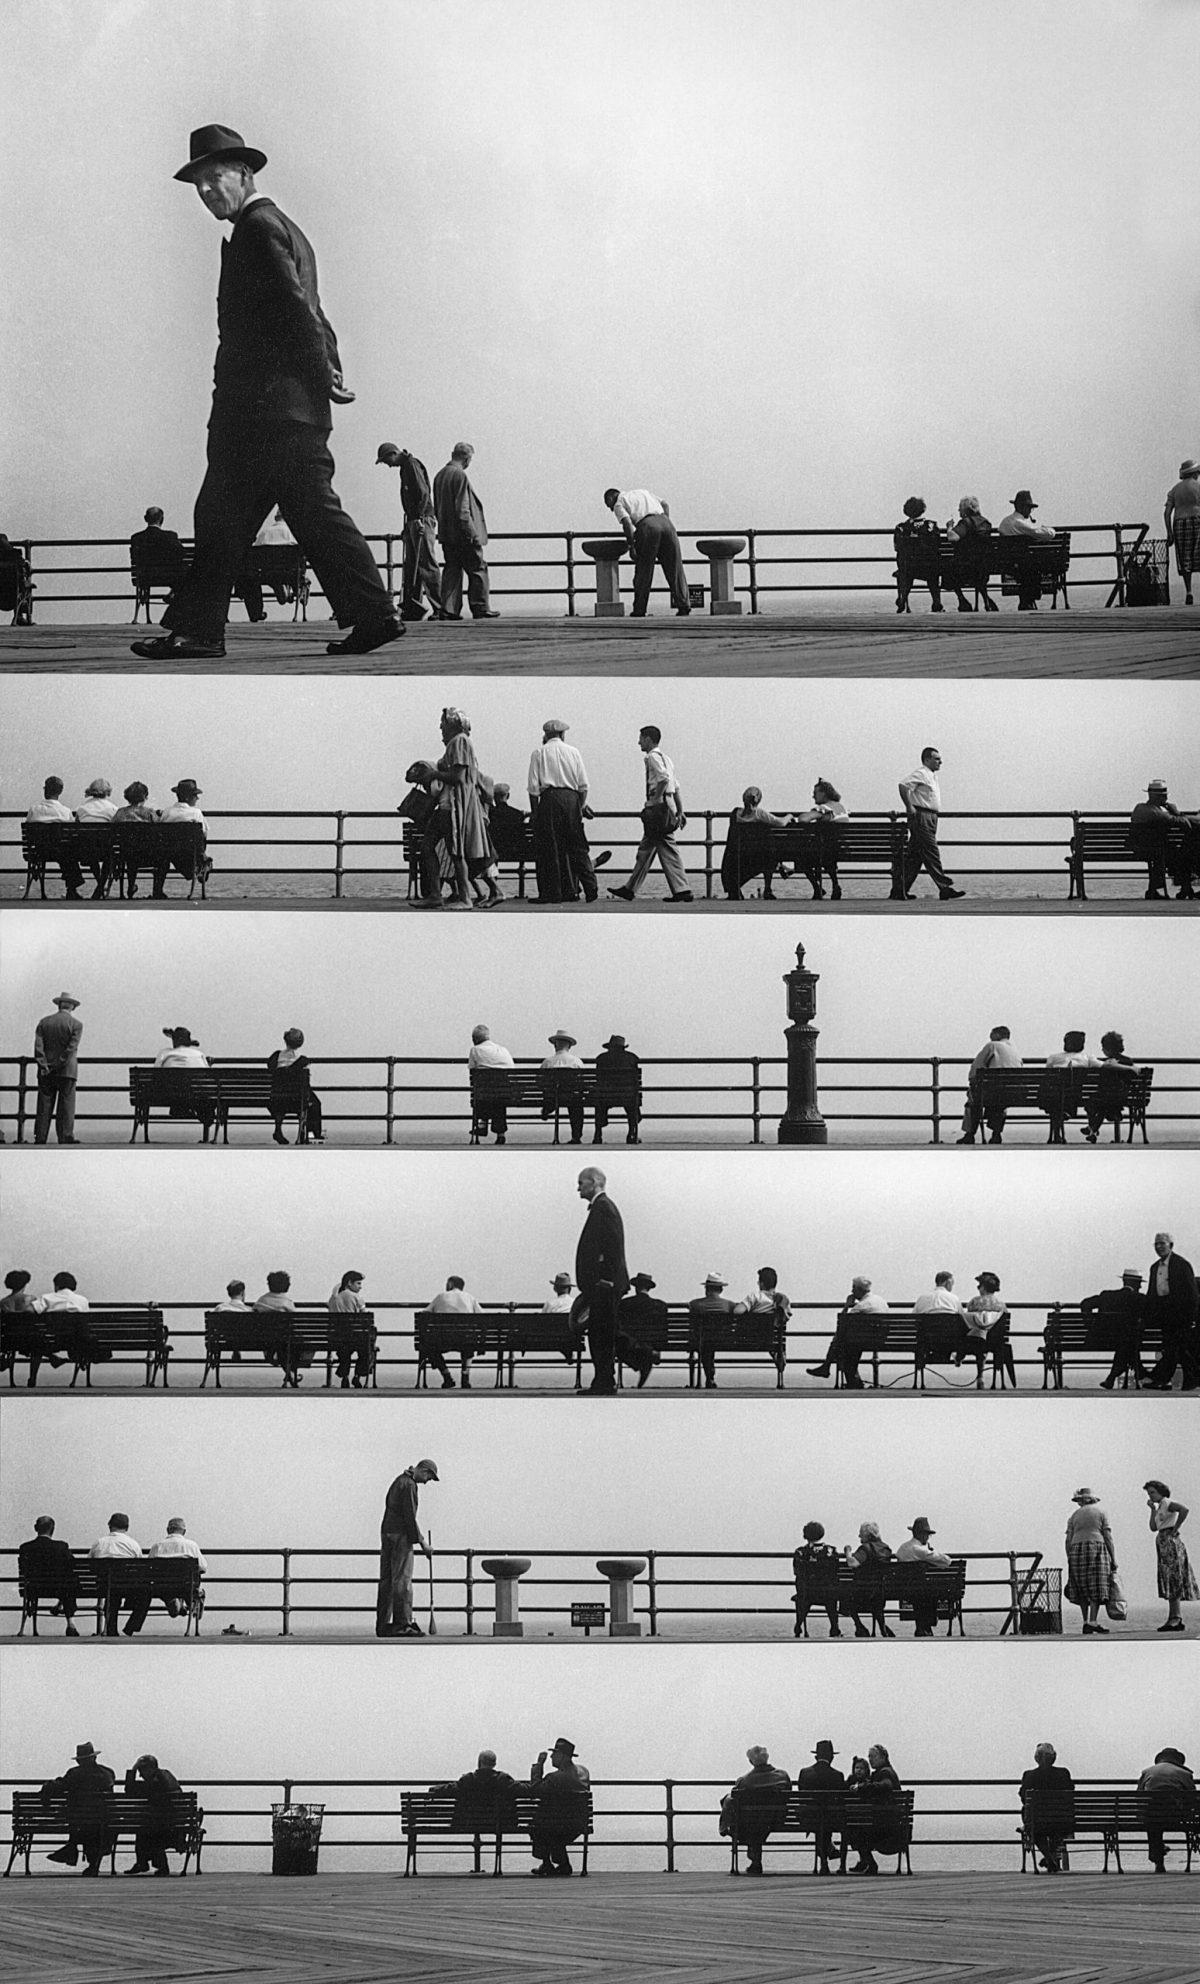 FEINSTEIN : Boardwalk Sheet Music Montage (Coney Island, 1952)